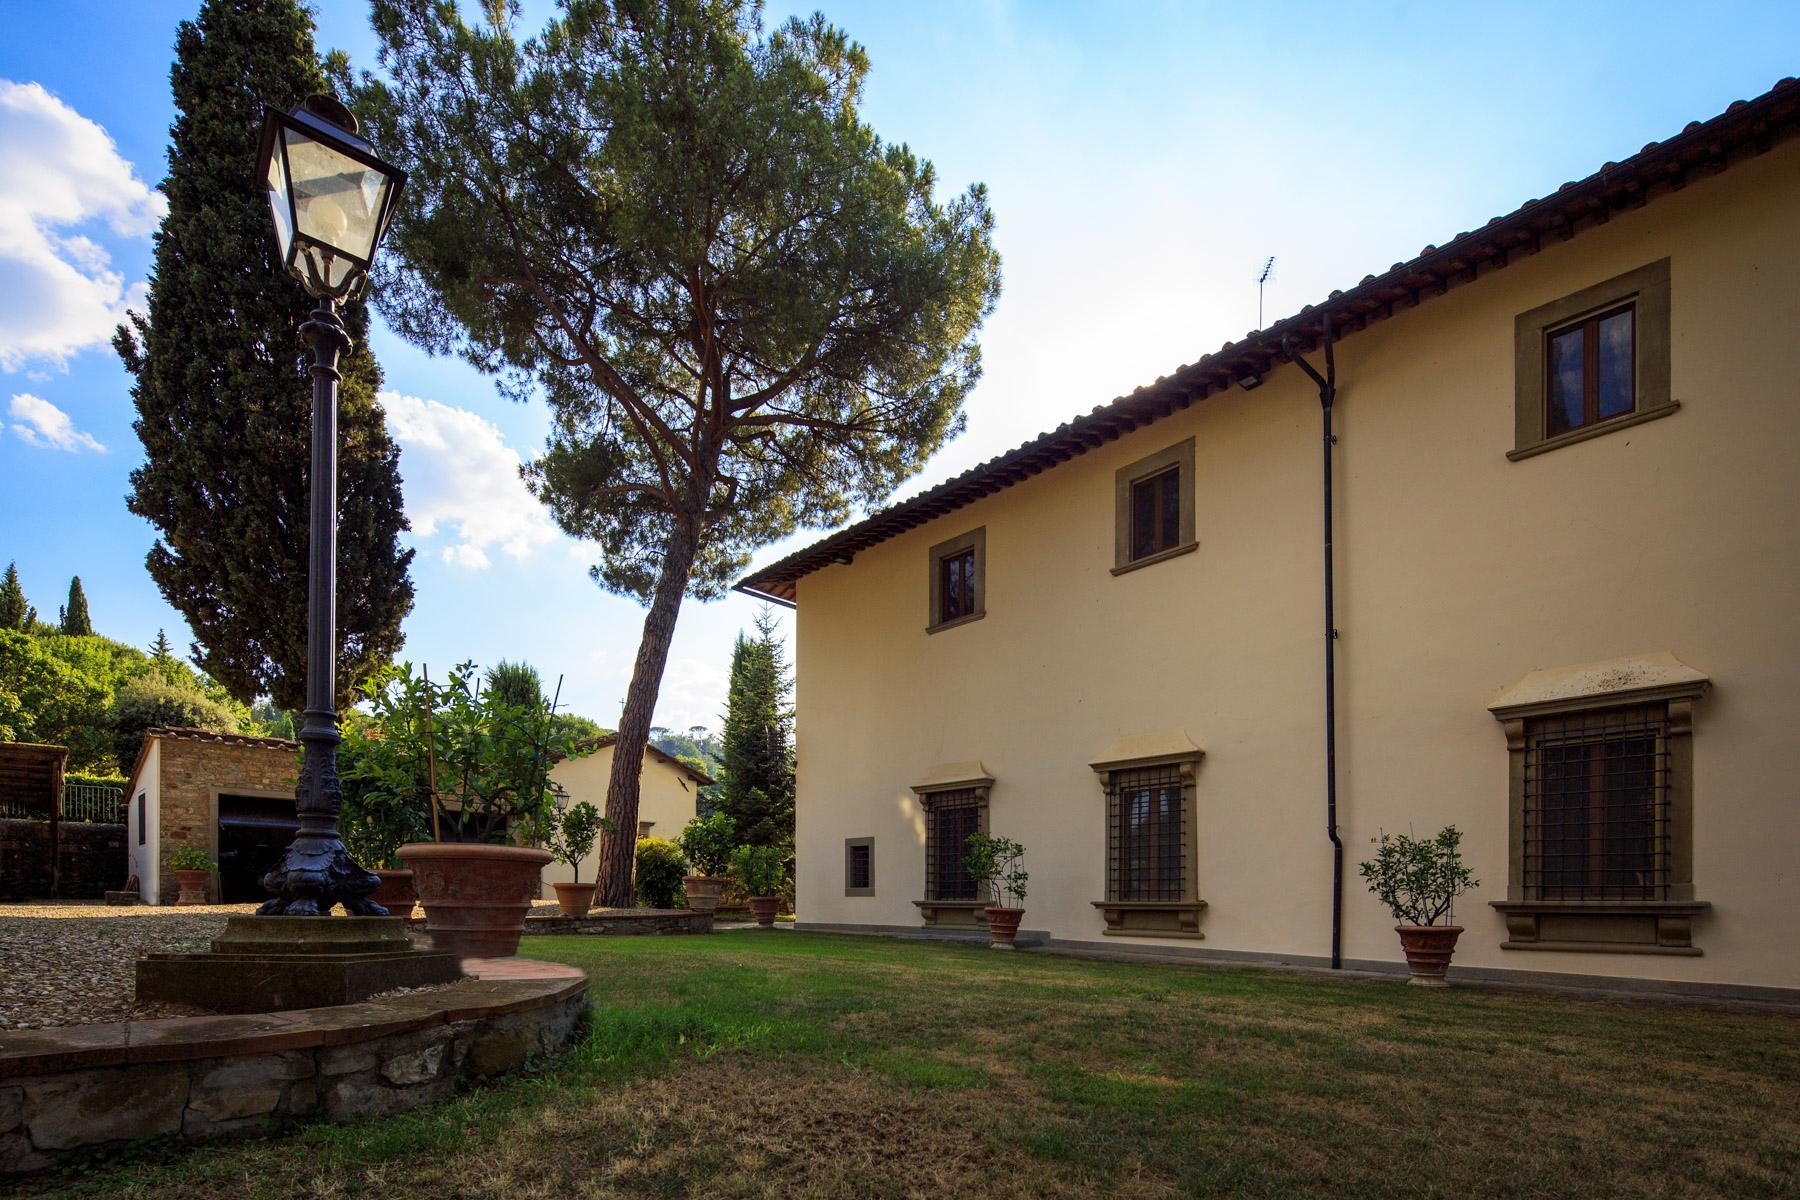 Maestosa Villa Rinascimentale sulle Colline Fiorentine con Cantina e Vigneto - 4